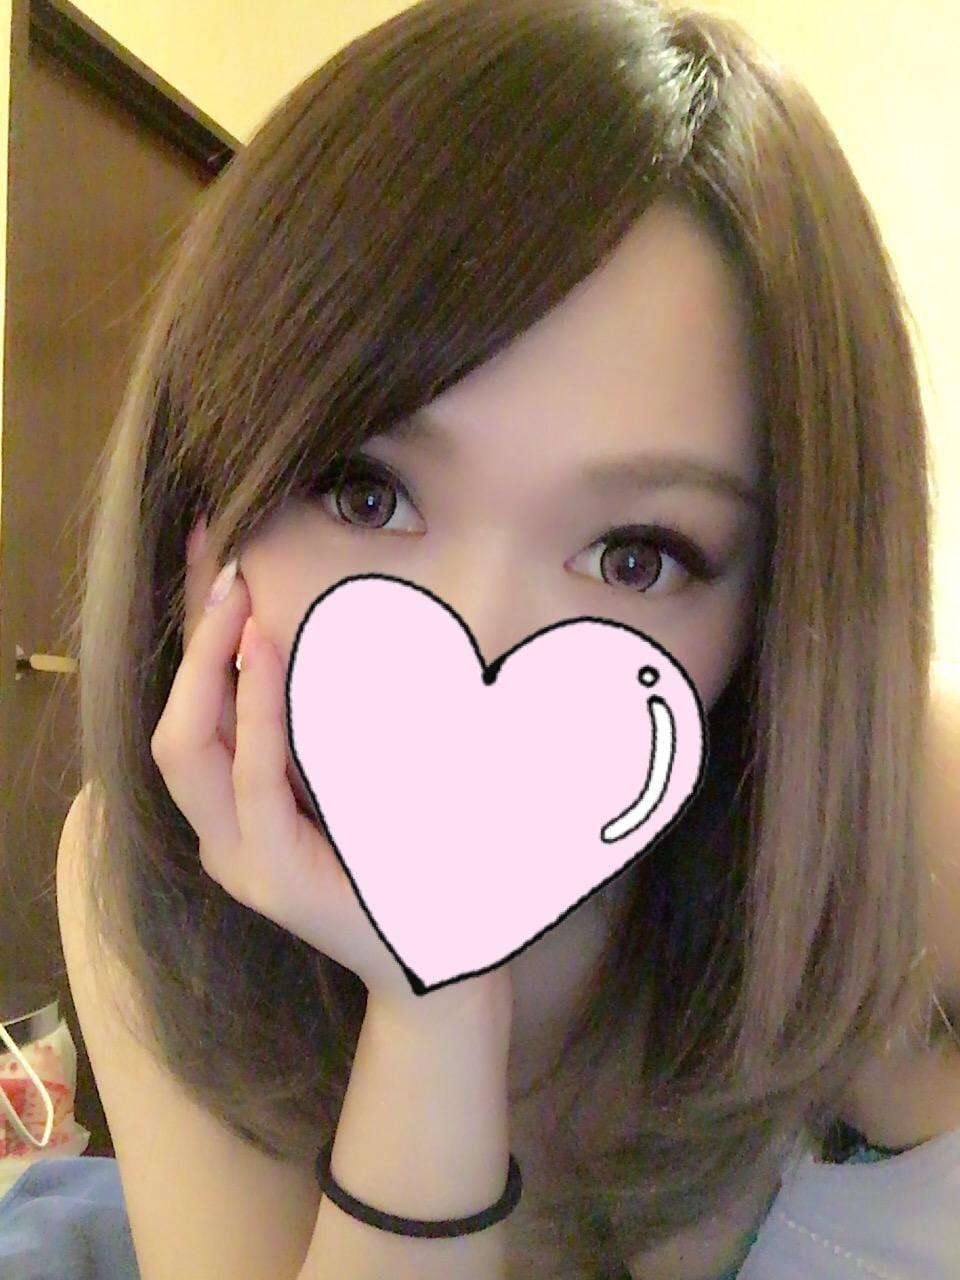 「れい」09/24(月) 19:24 | れいの写メ・風俗動画